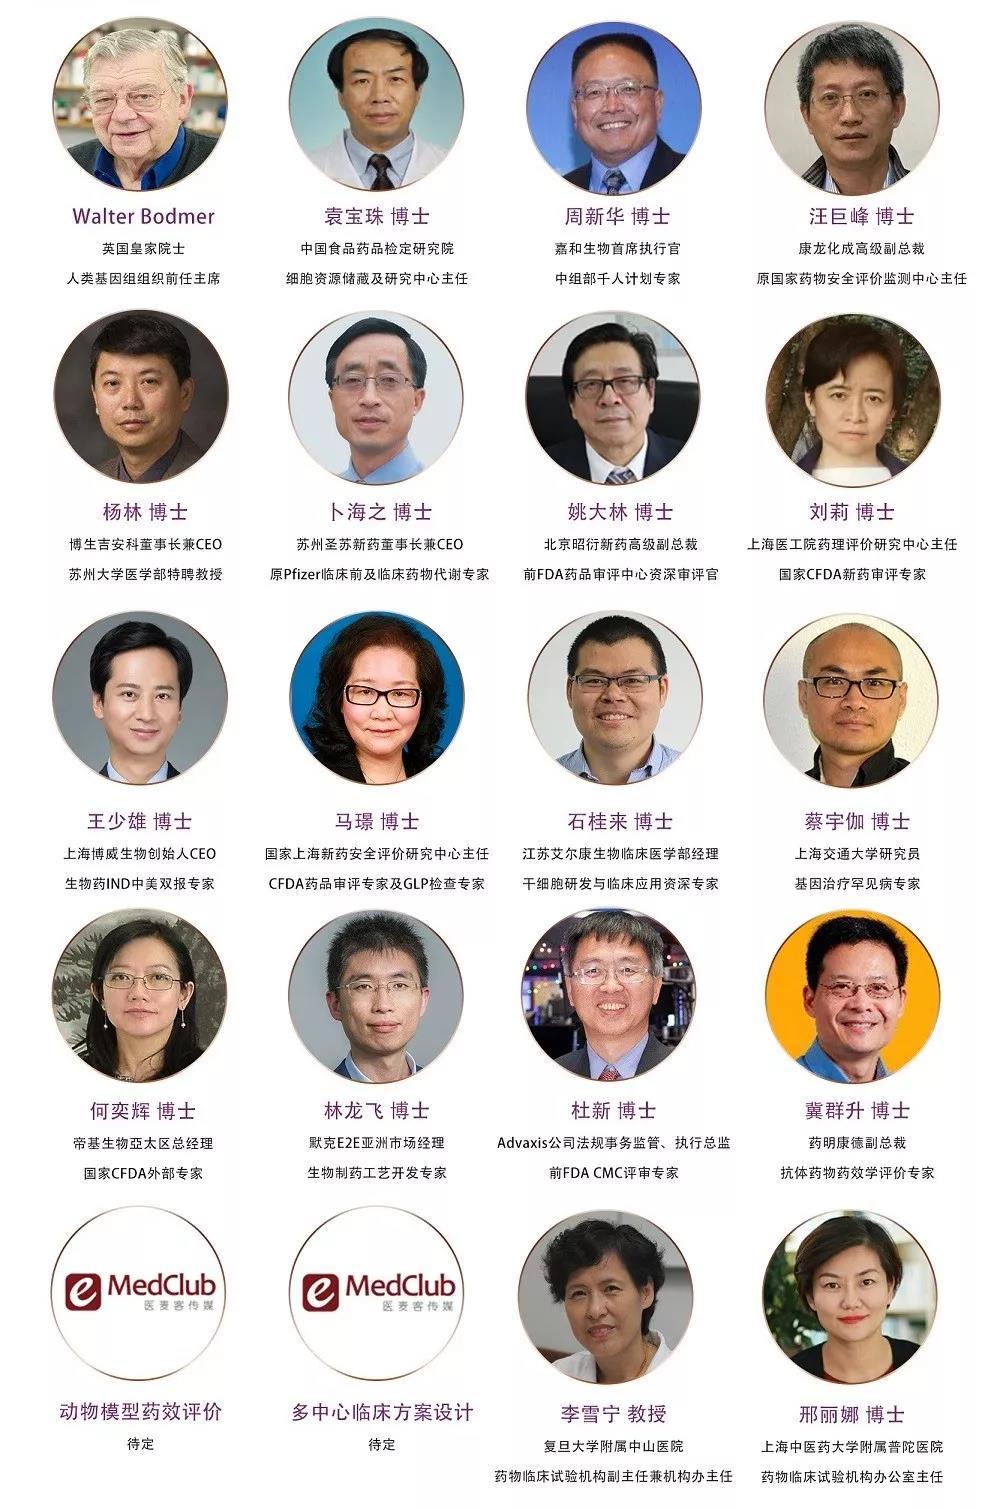 大会形式与规模: 主题会议 圆桌论坛 卫星会 500人 参会者类型: 免疫